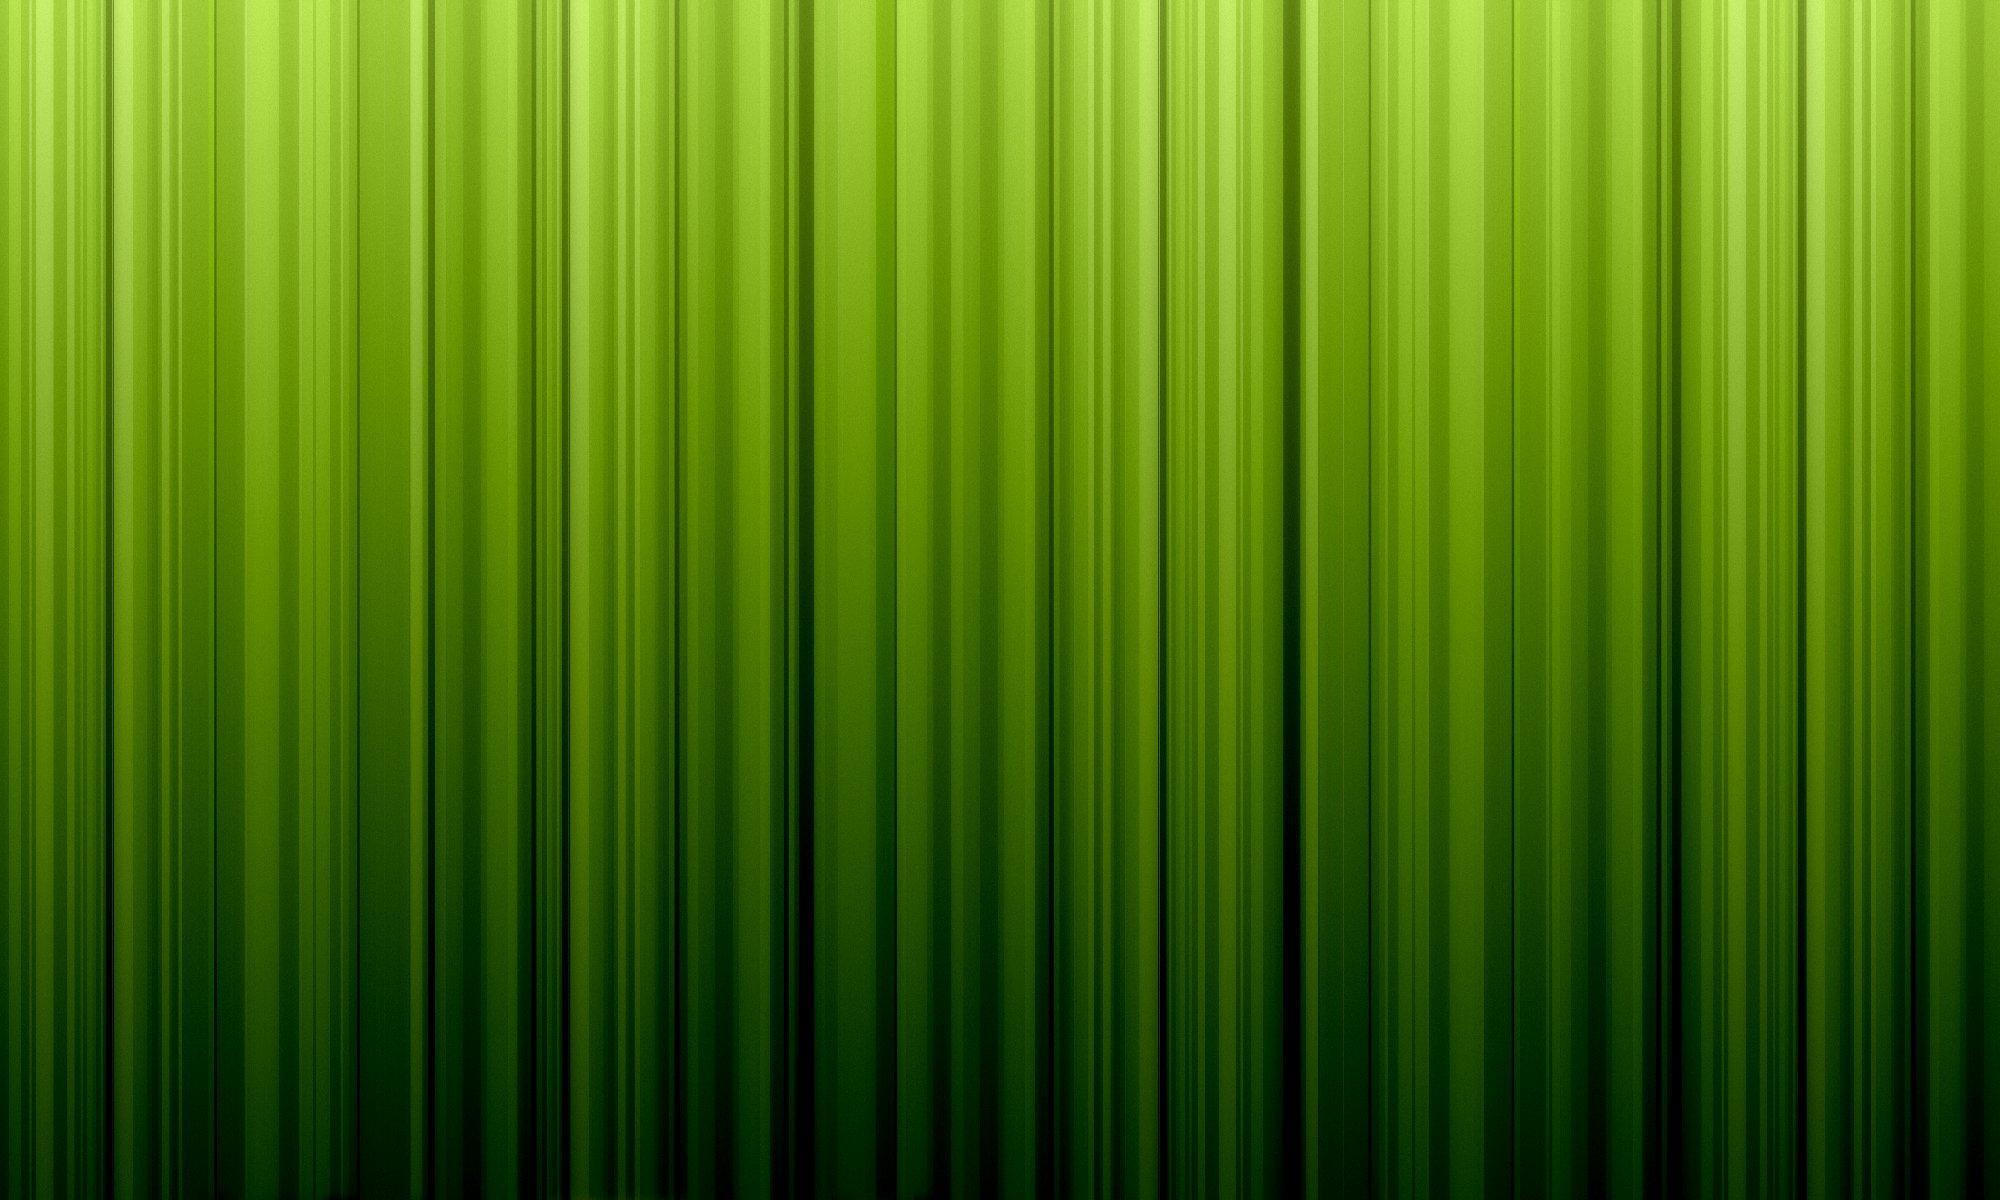 10.0/trisquel-wallpapers/data/usr/share/backgrounds/dagda-g.jpg